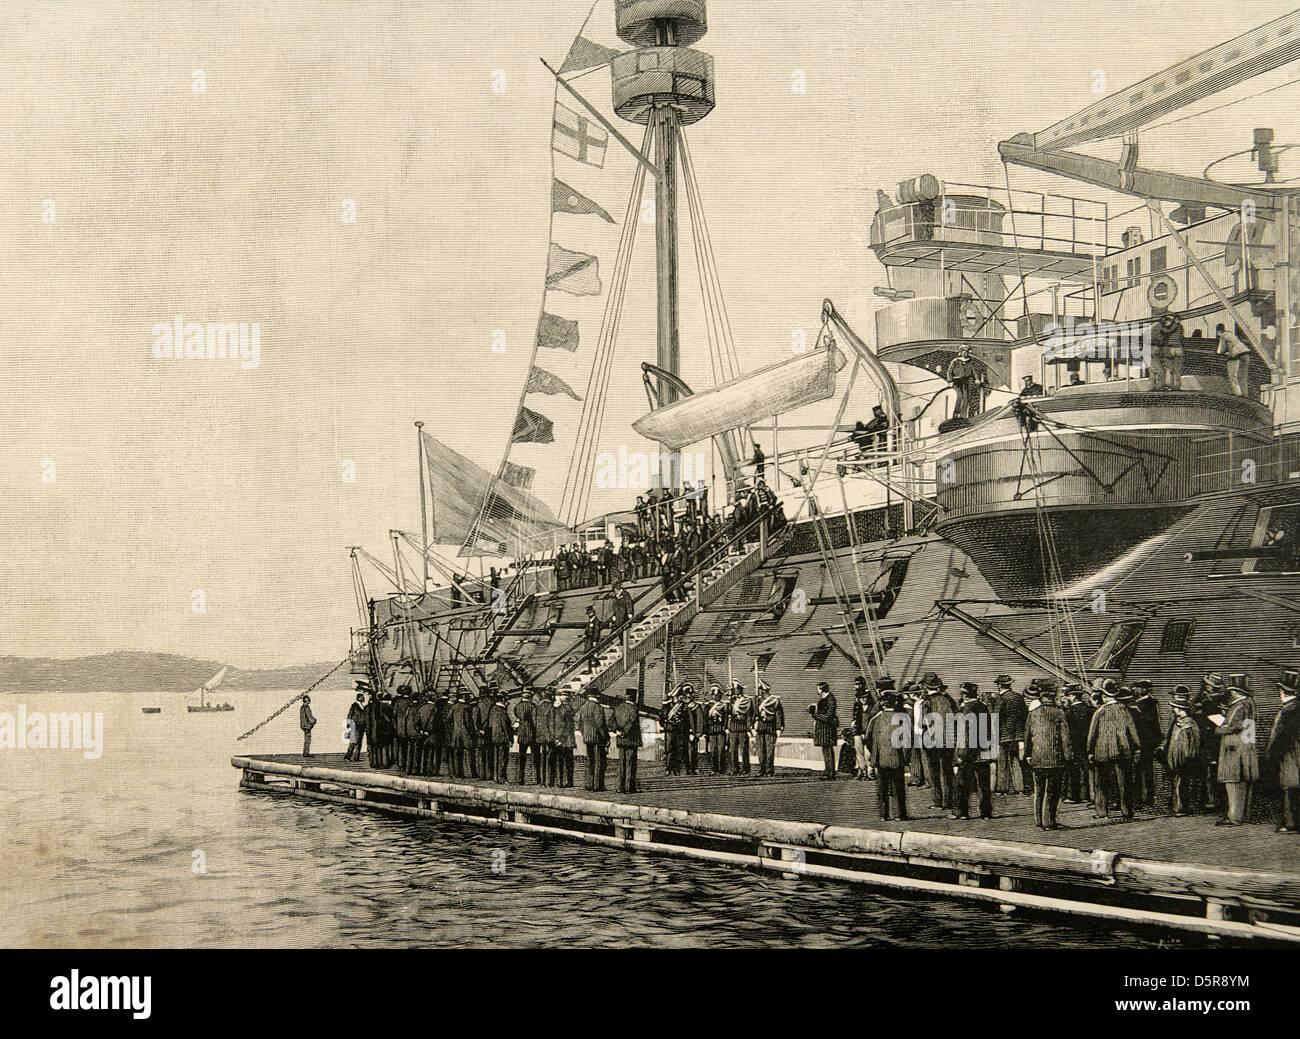 Marie Francois Sadi Carnot (1837 ? 1894), Präsident der dritten französischen Republik, das Schlachtschiff Stockbild